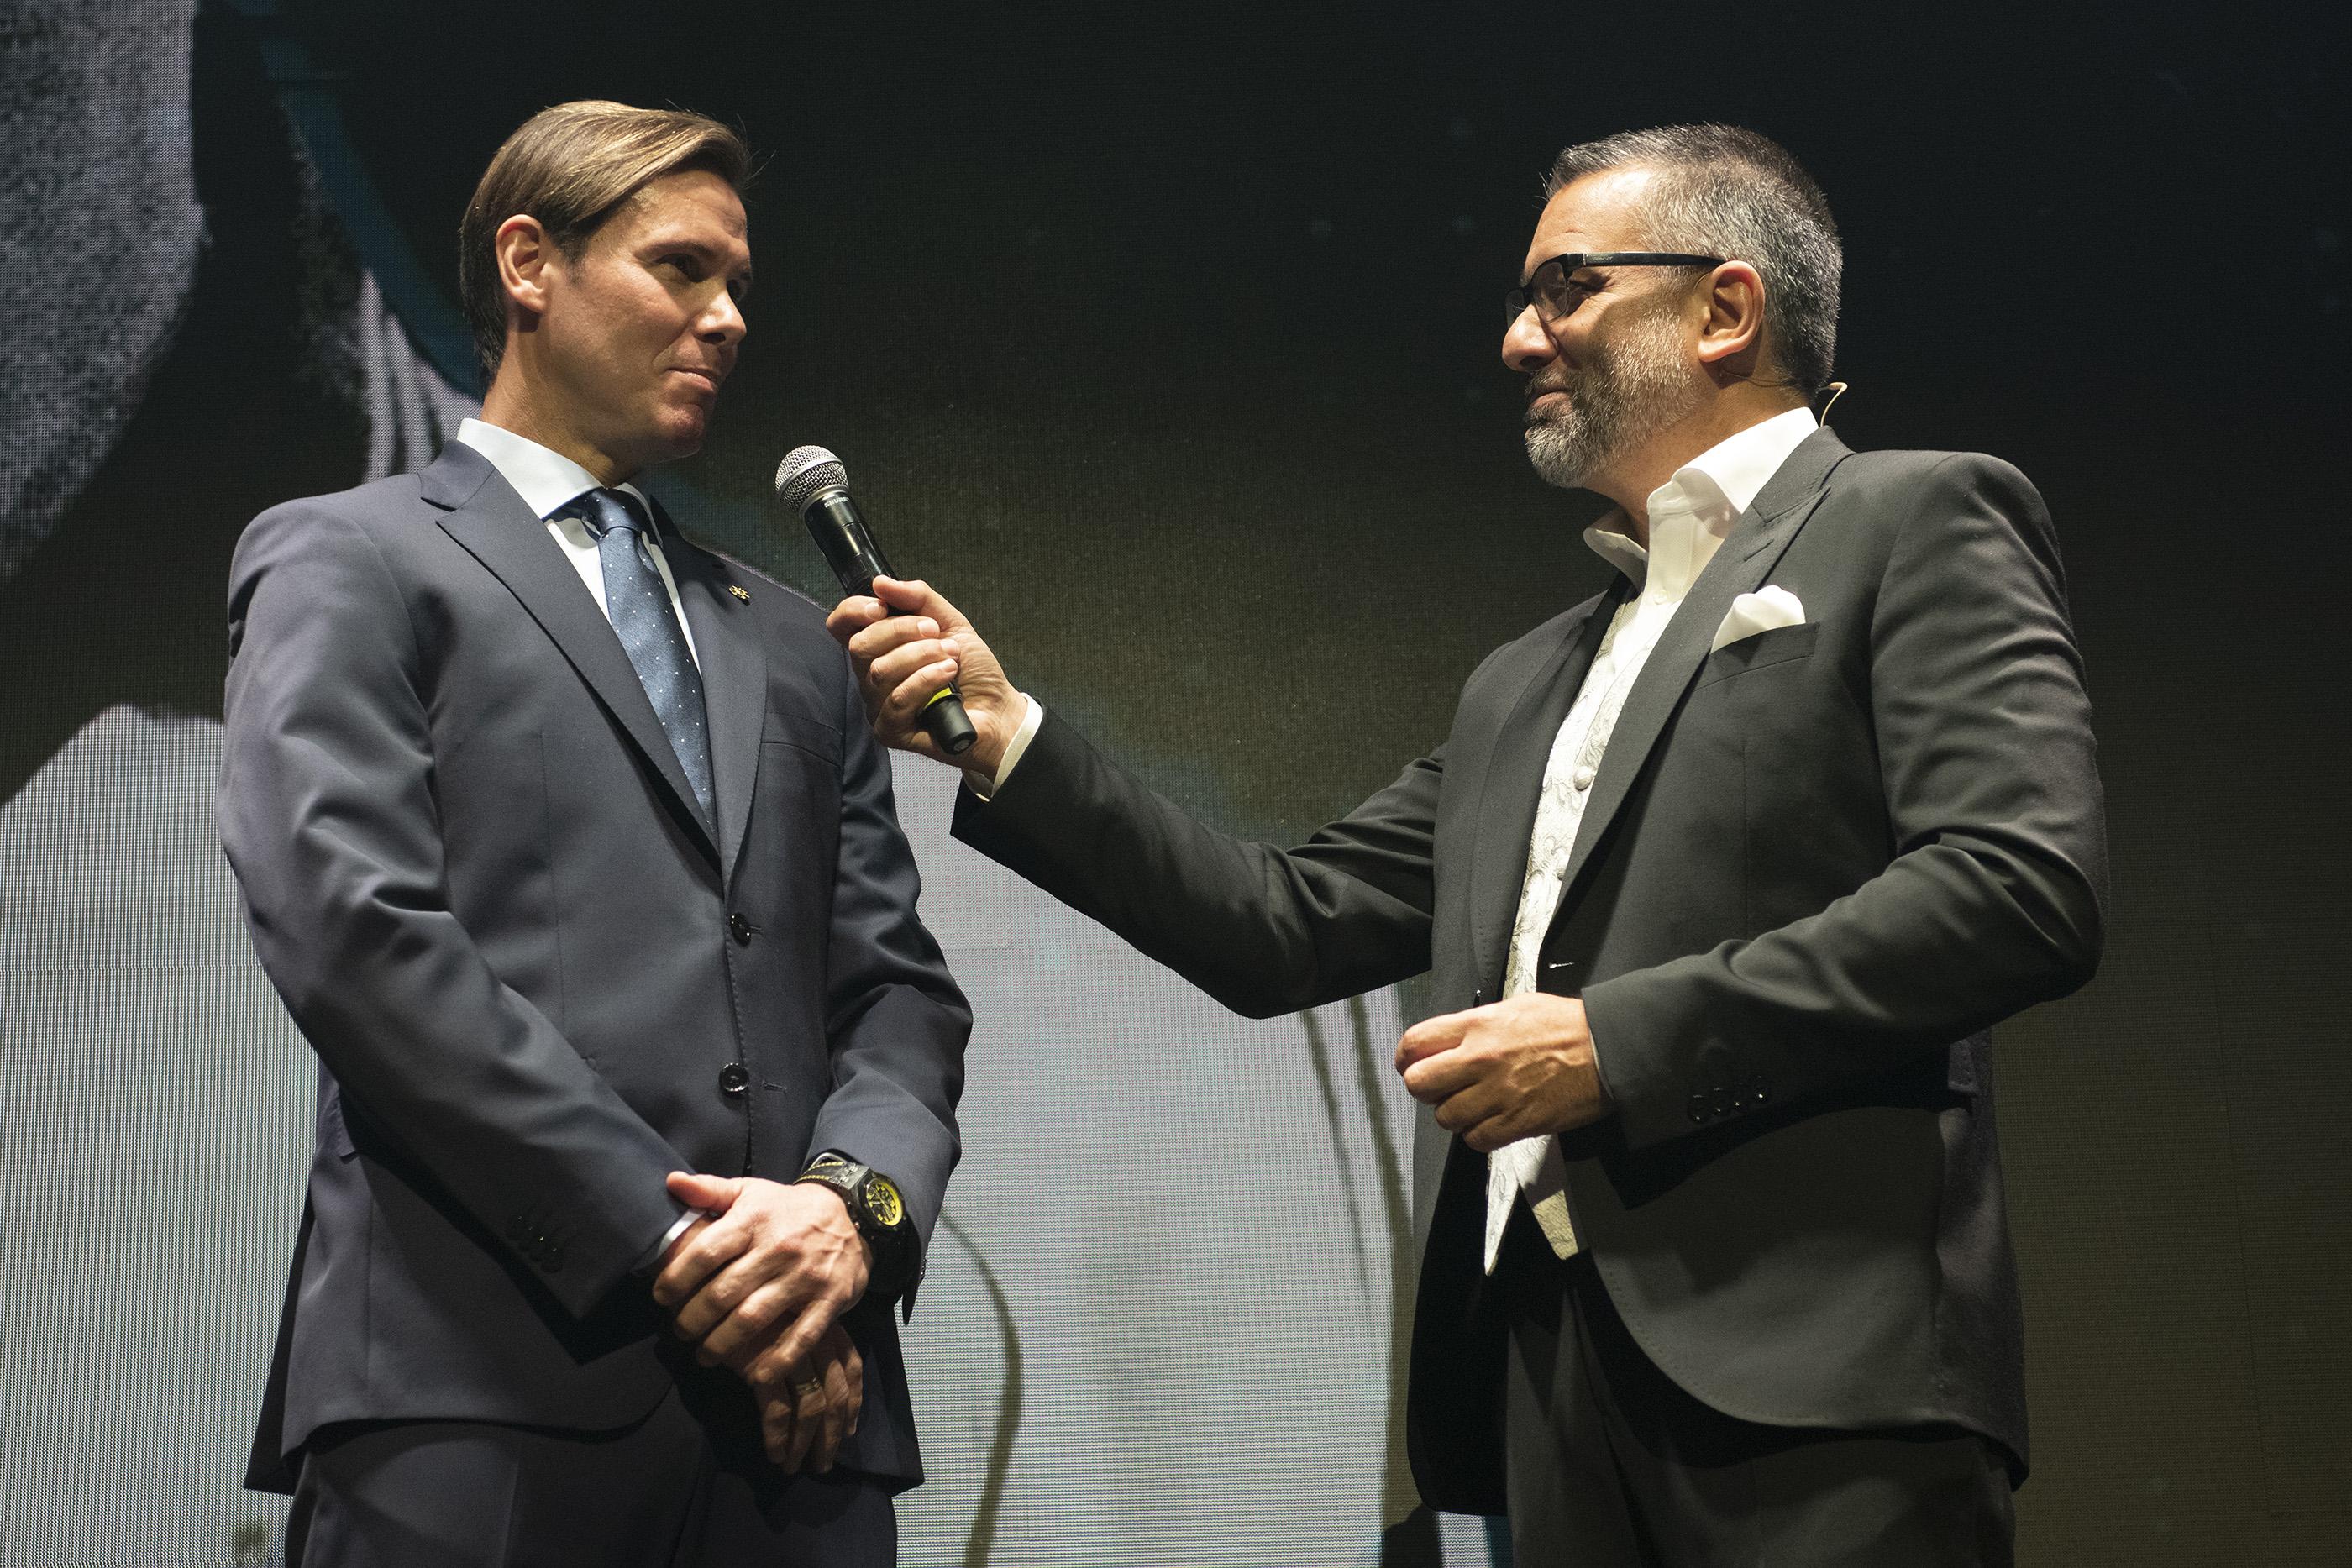 Fernando Redondo - LaLiga Ambassador 2